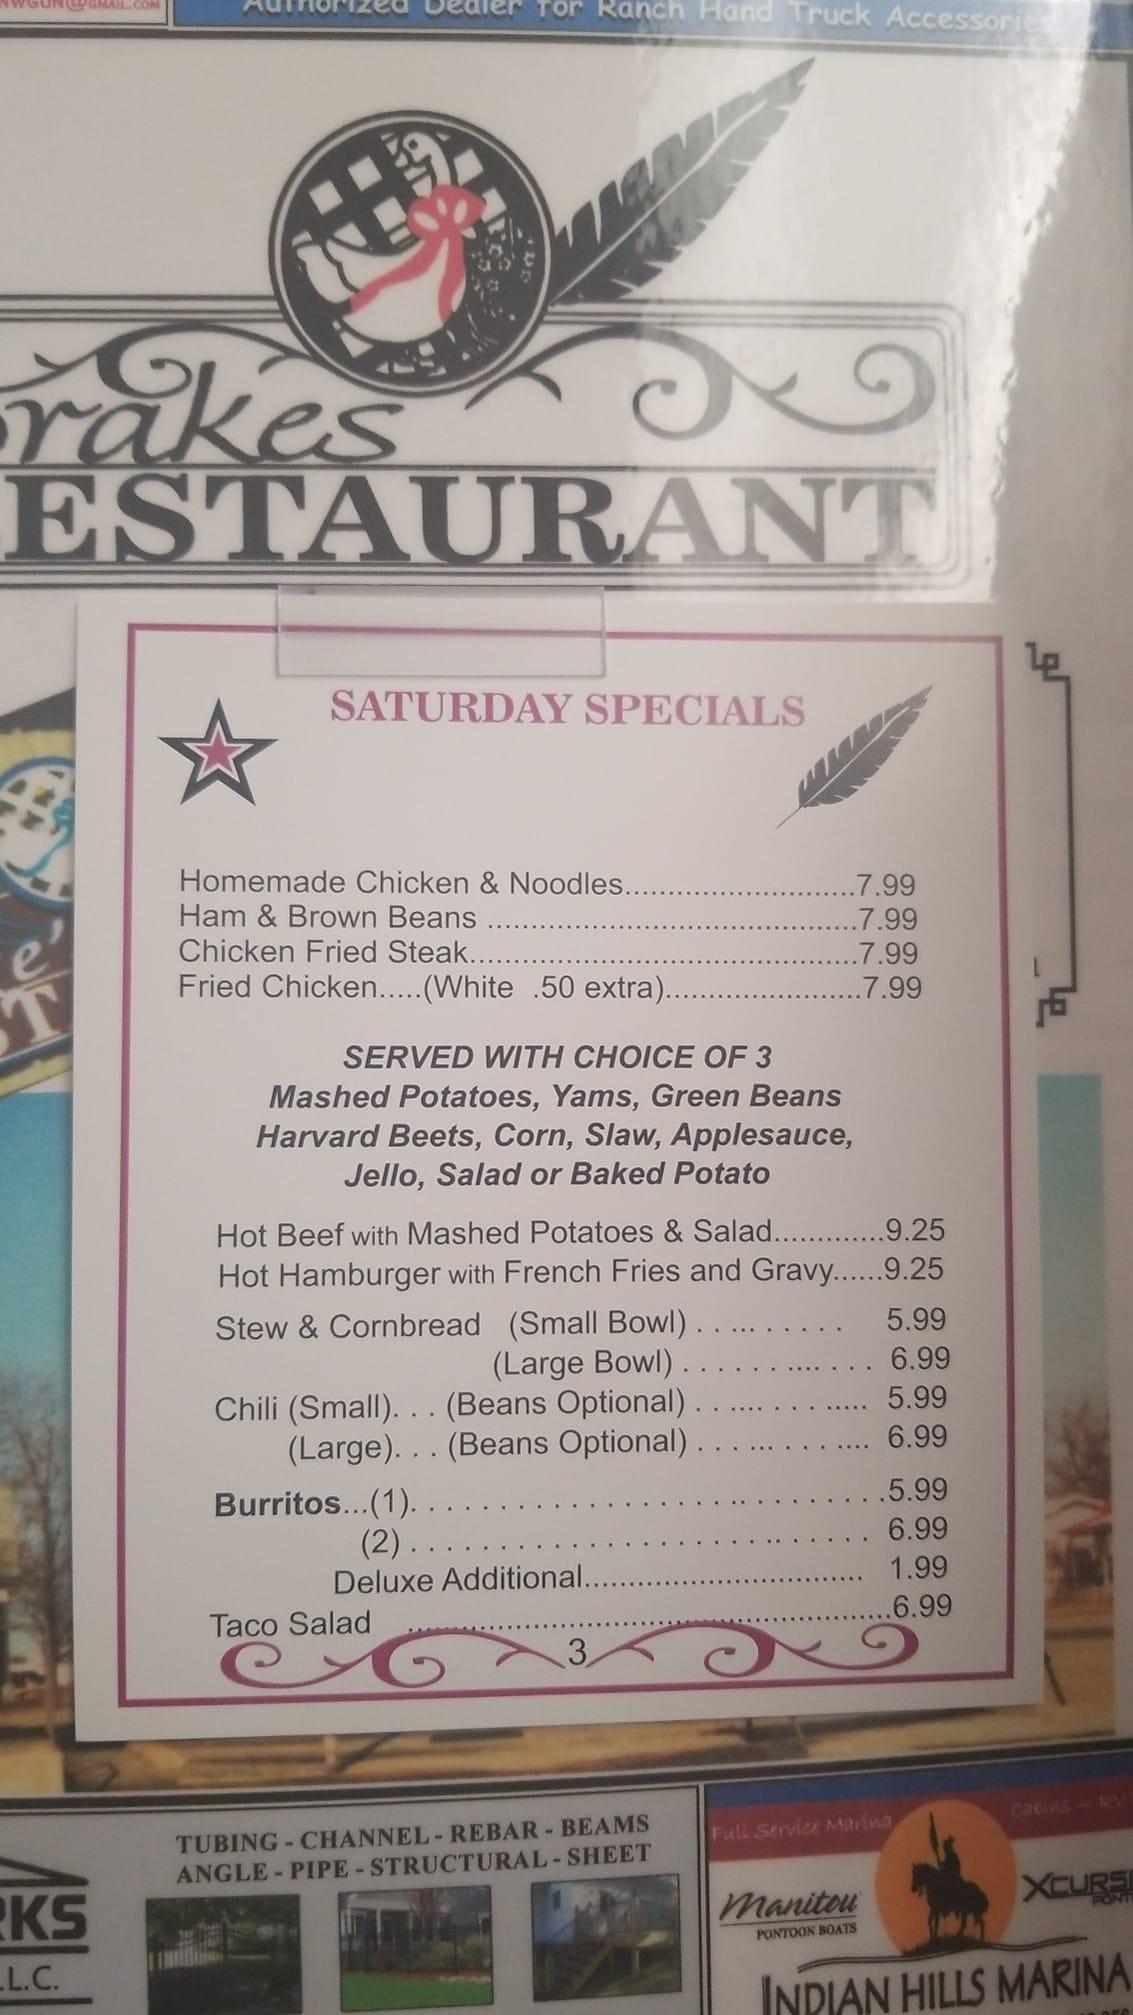 Drakes Restaurant General Menu